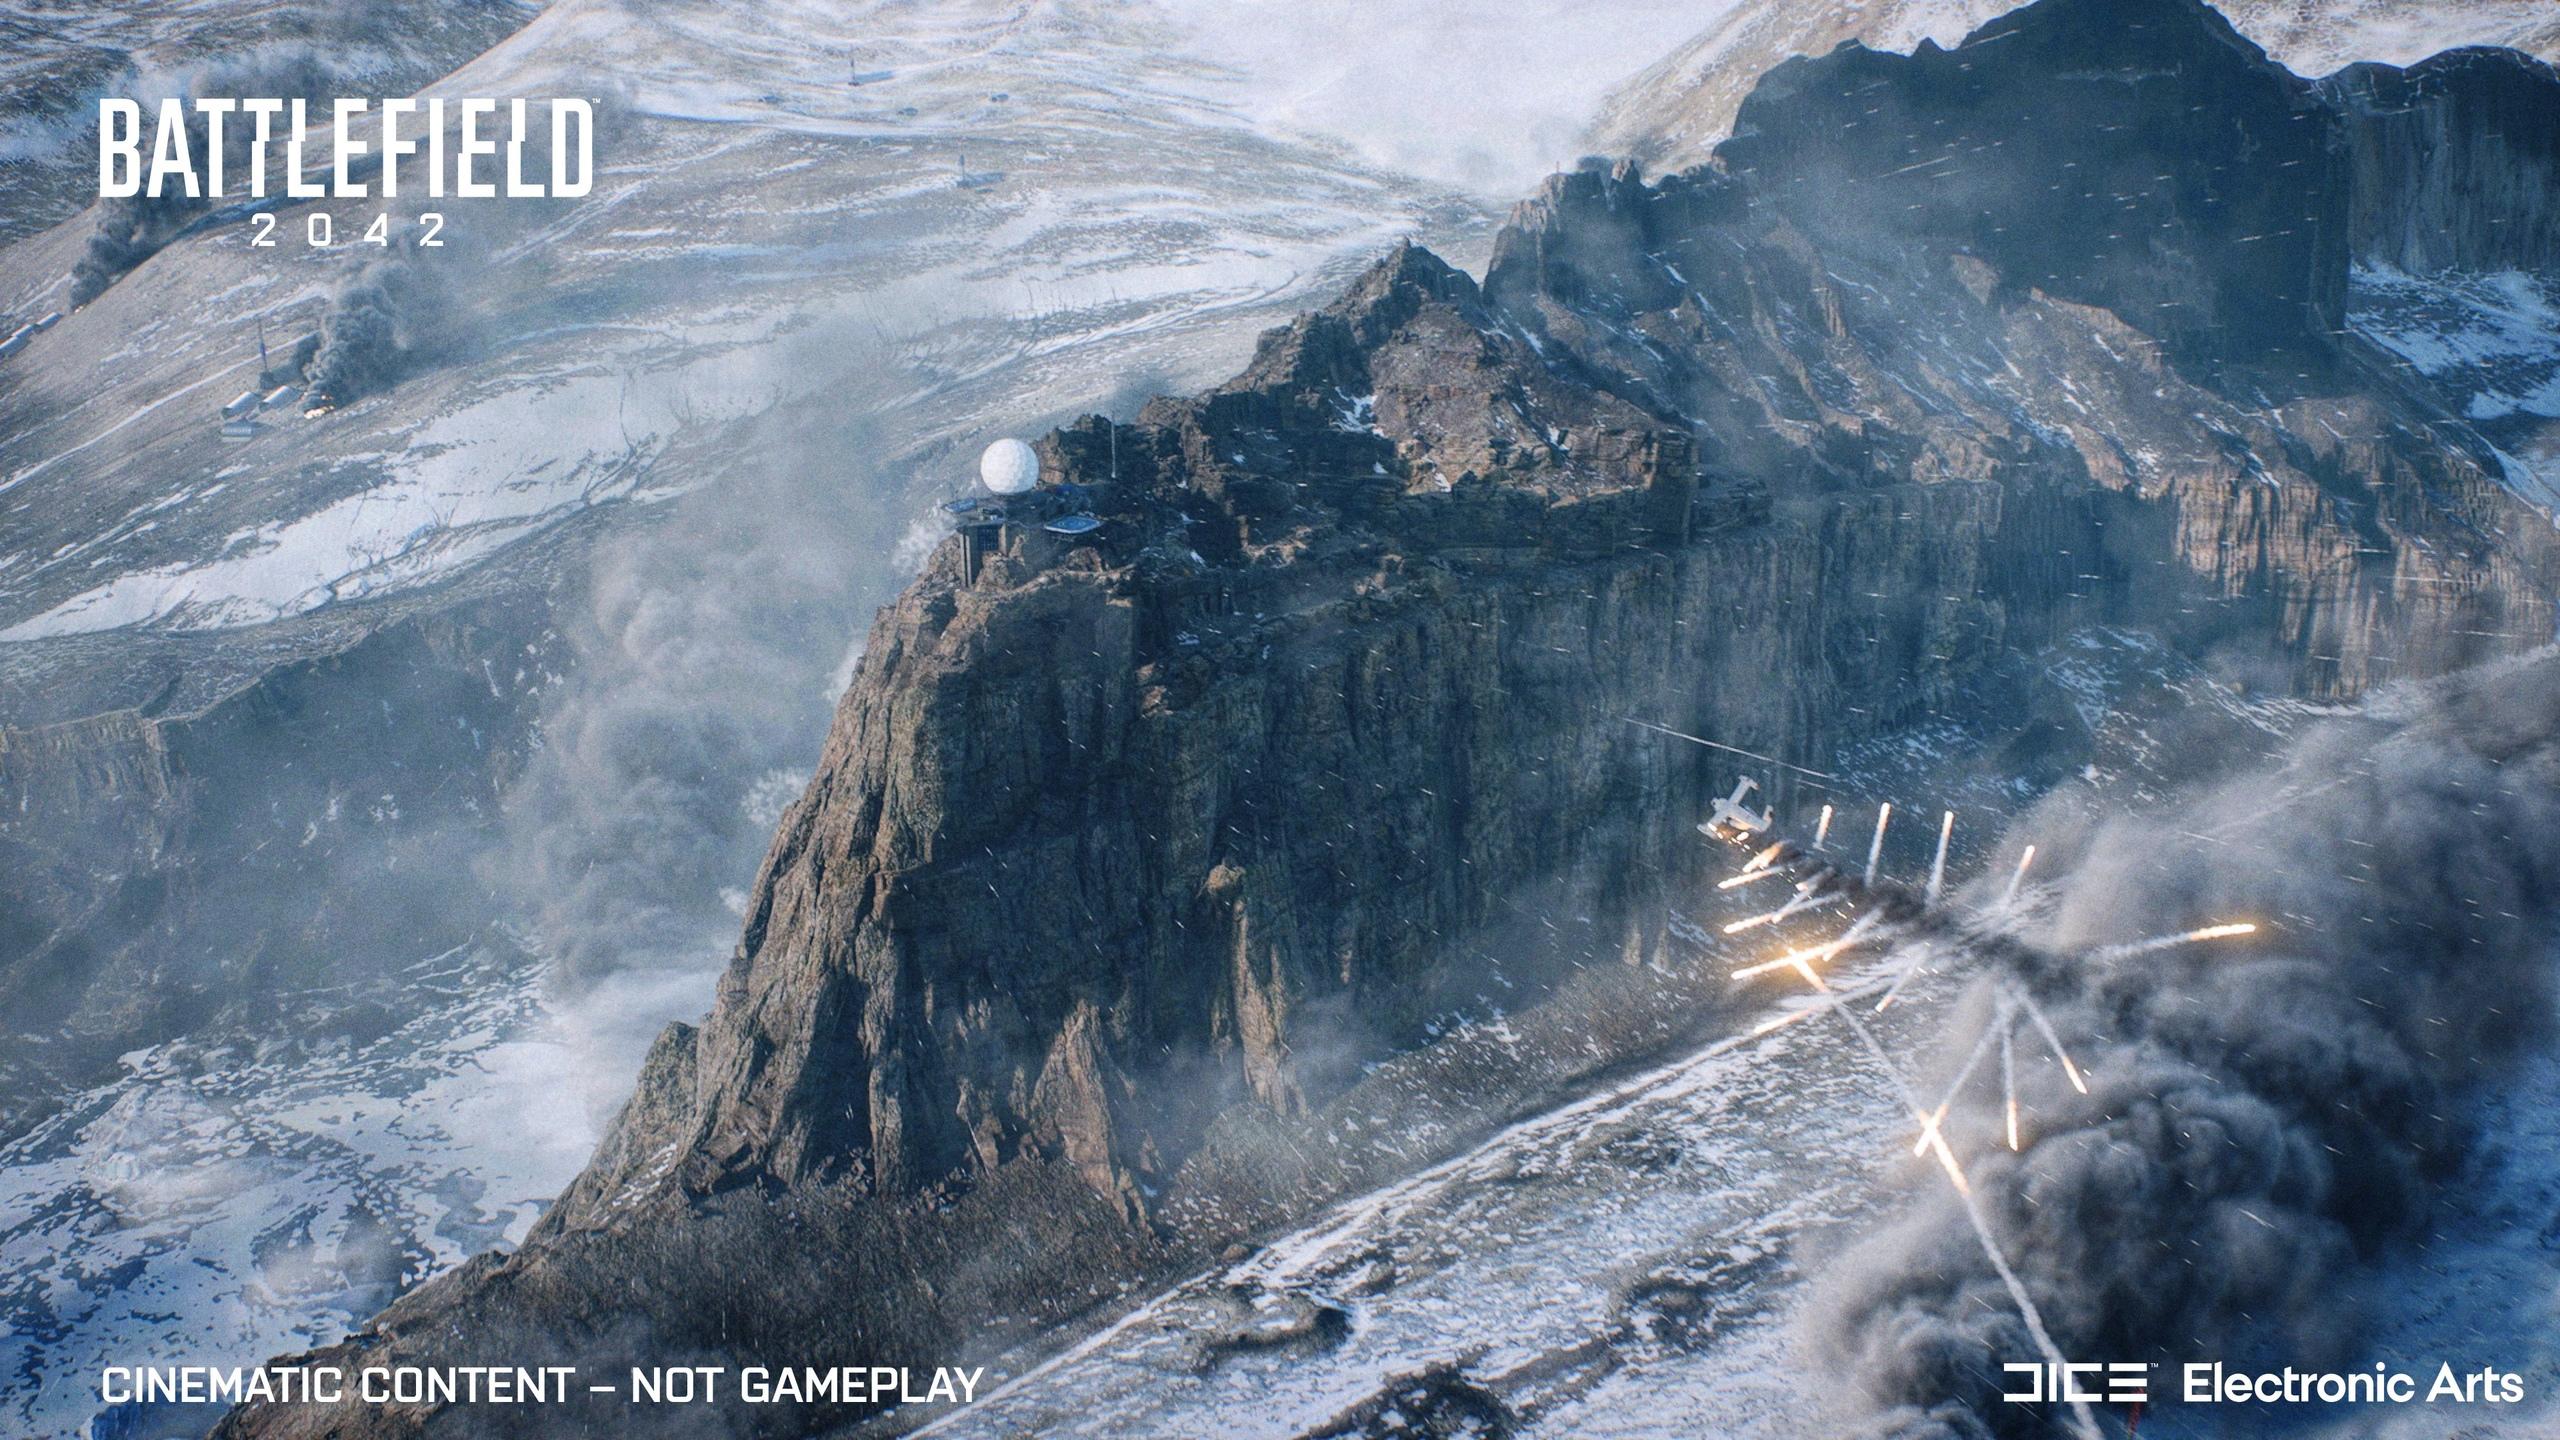 EA сравнила размеры карт в Battlefield 2042 с размерами карт из прошлых частей (1 картинка)